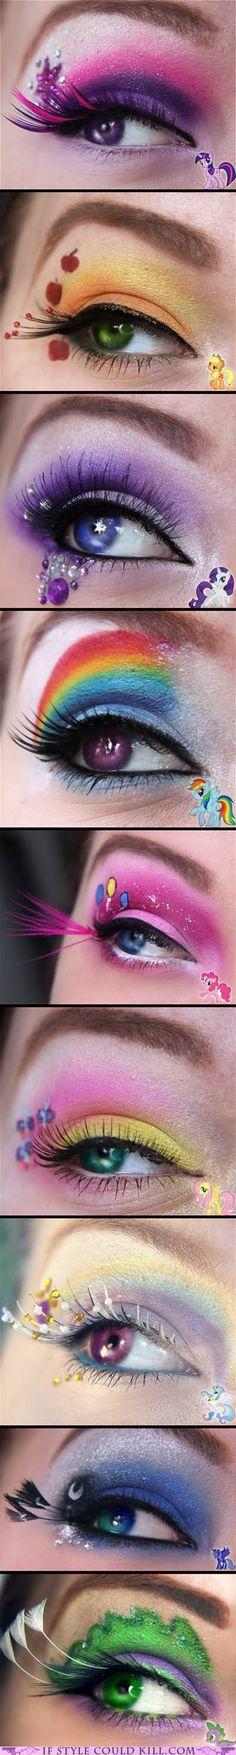 Eyes of Equestria - Cheezburger